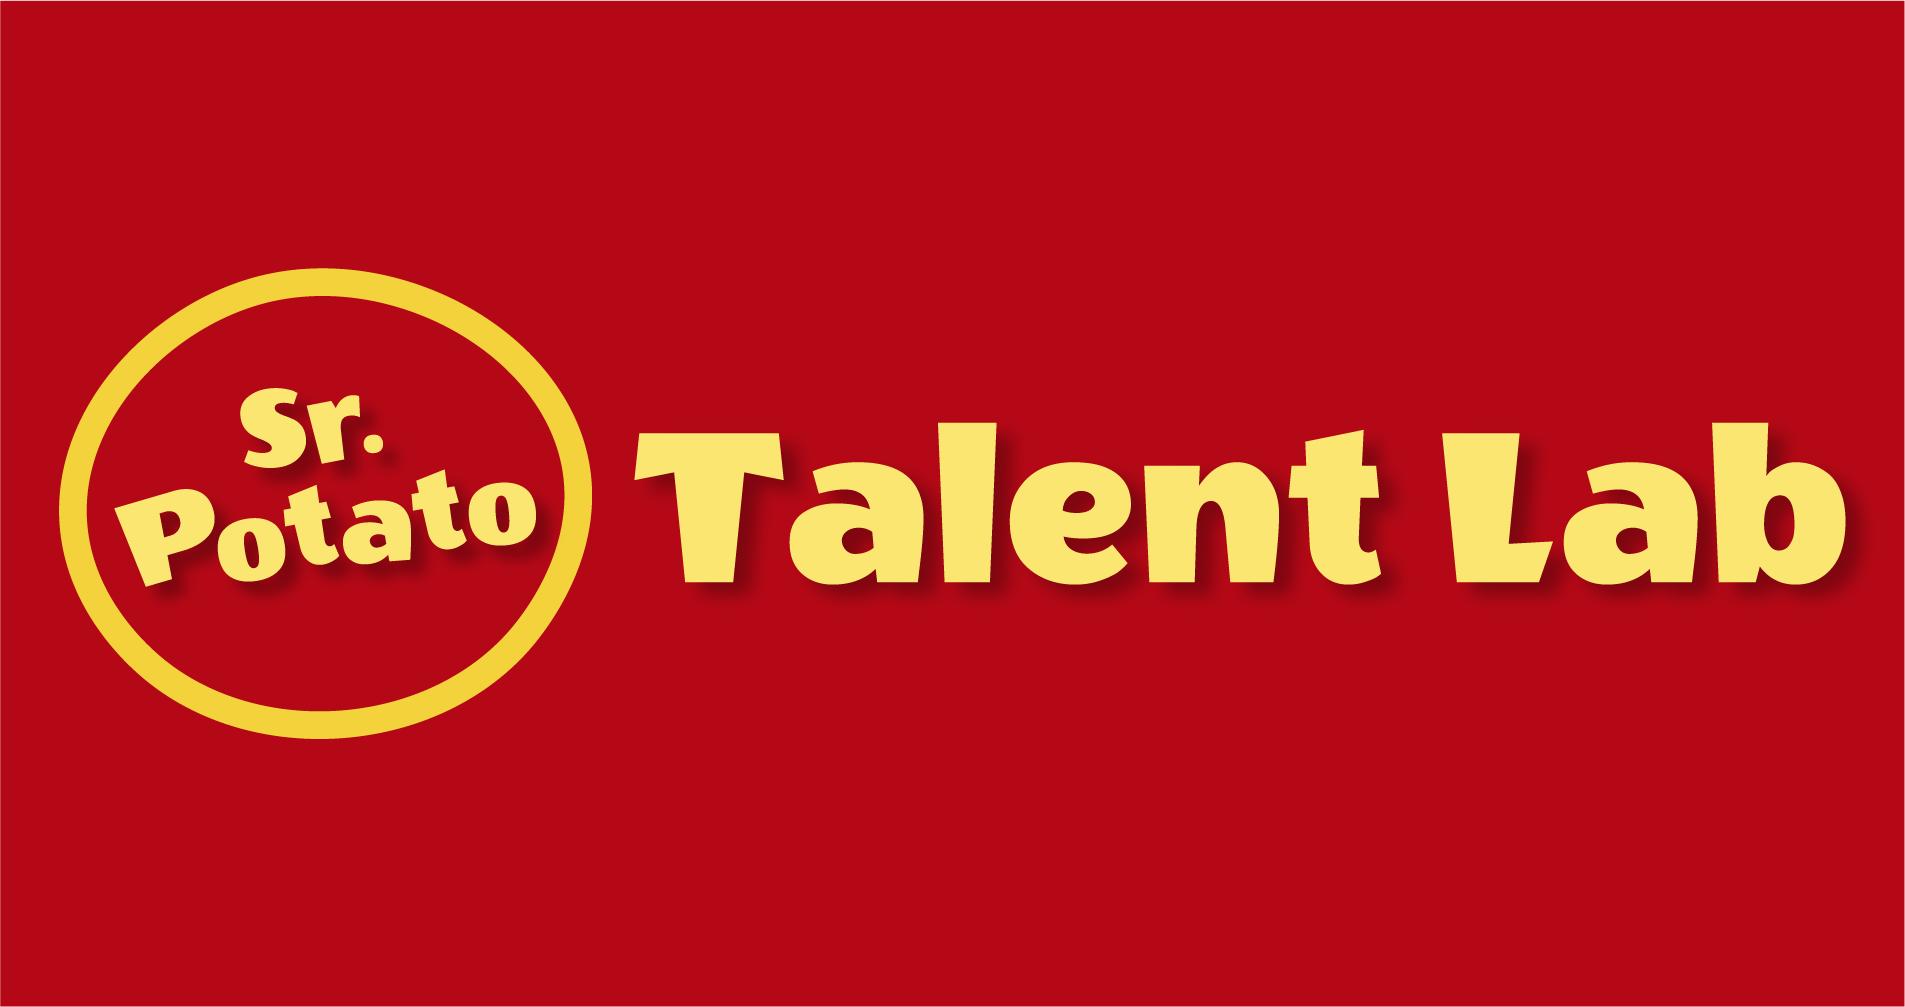 La agencia de marketing Sr. Potato, partner de las principales facultades y escuelas de negocio